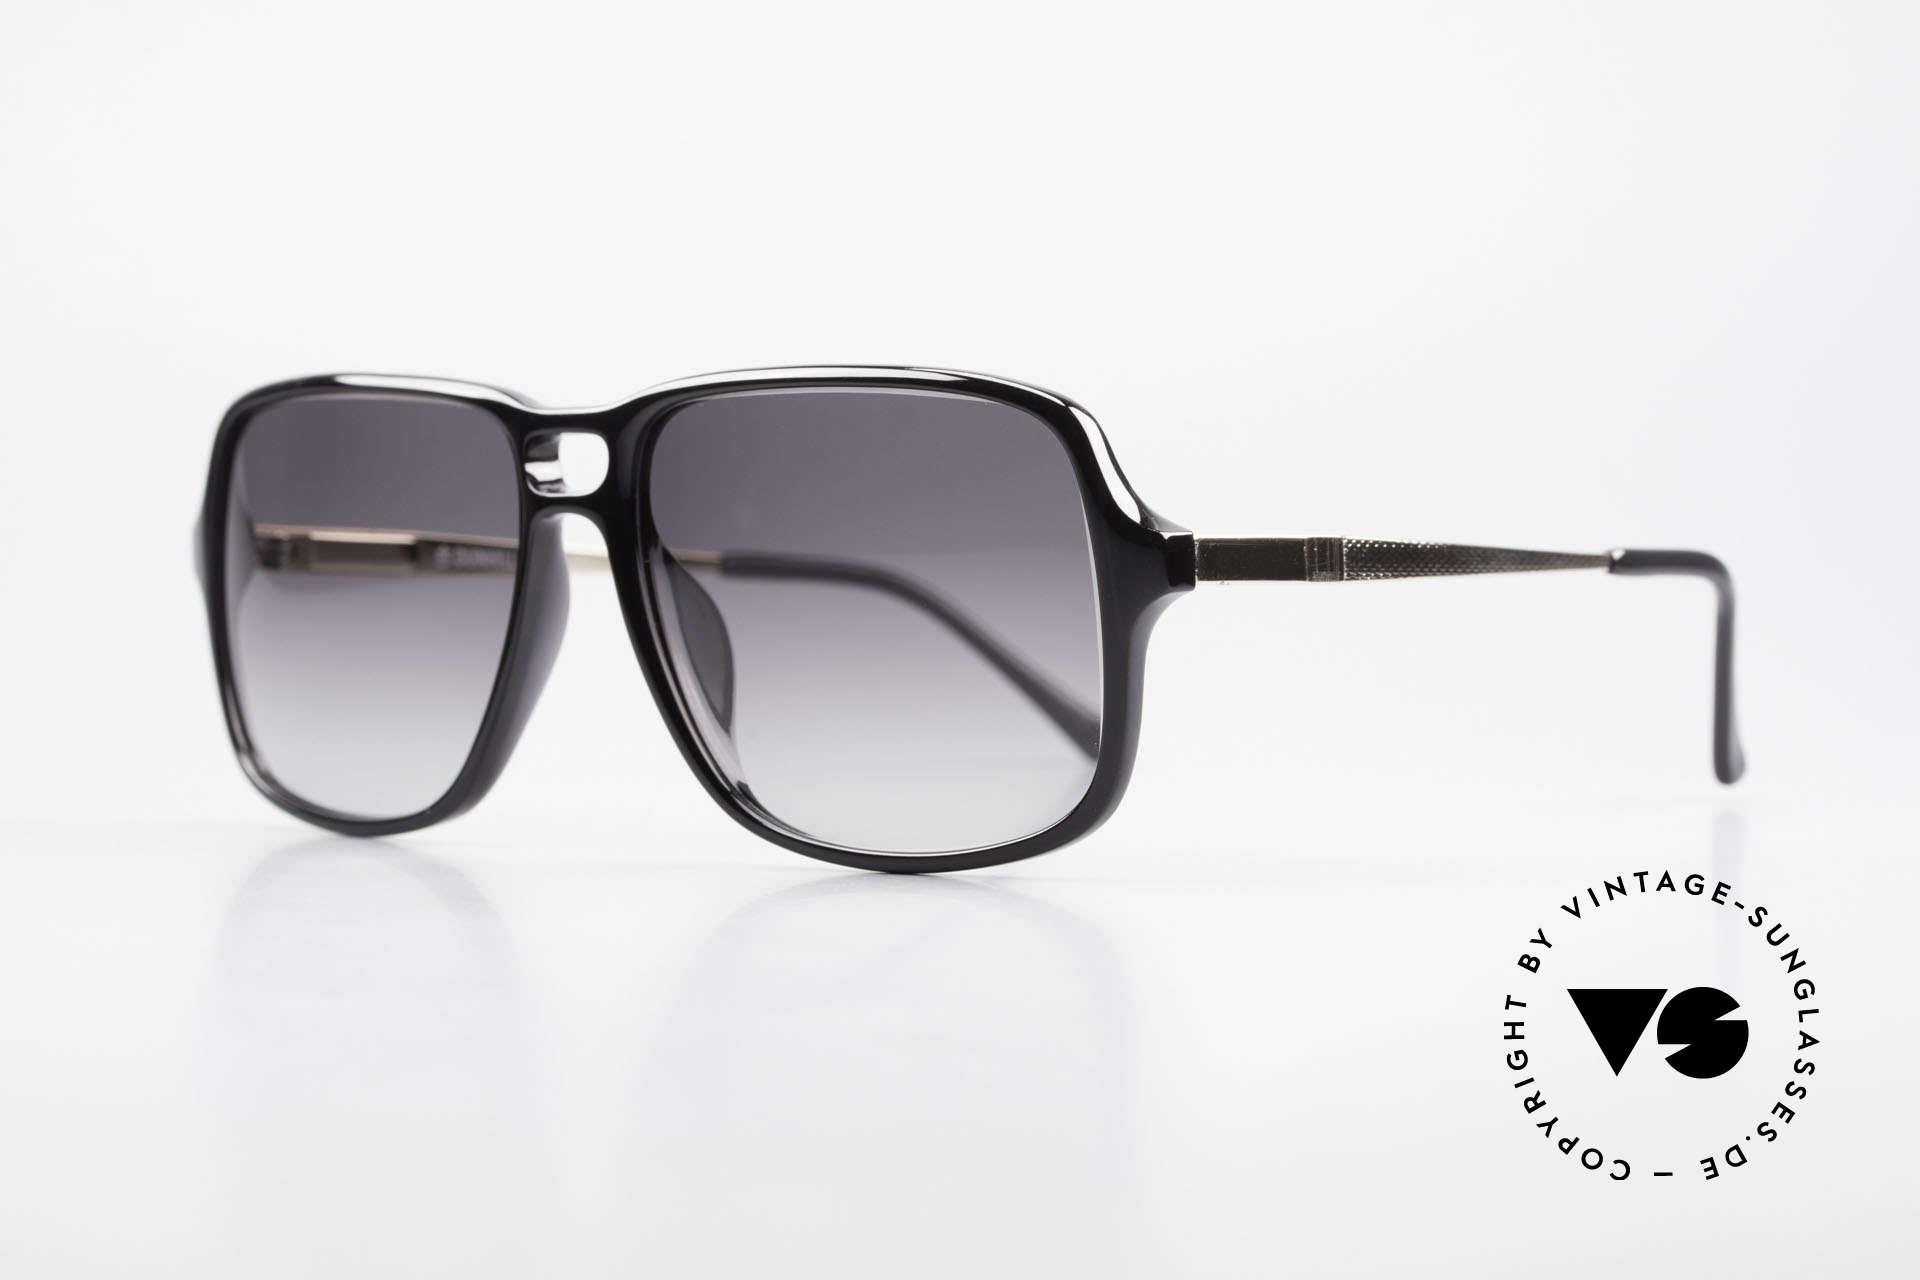 Dunhill 6074 Alte 80er Herren Sonnenbrille, fühlbare Top-Qualität & beste Passform (sehr robust), Passend für Herren